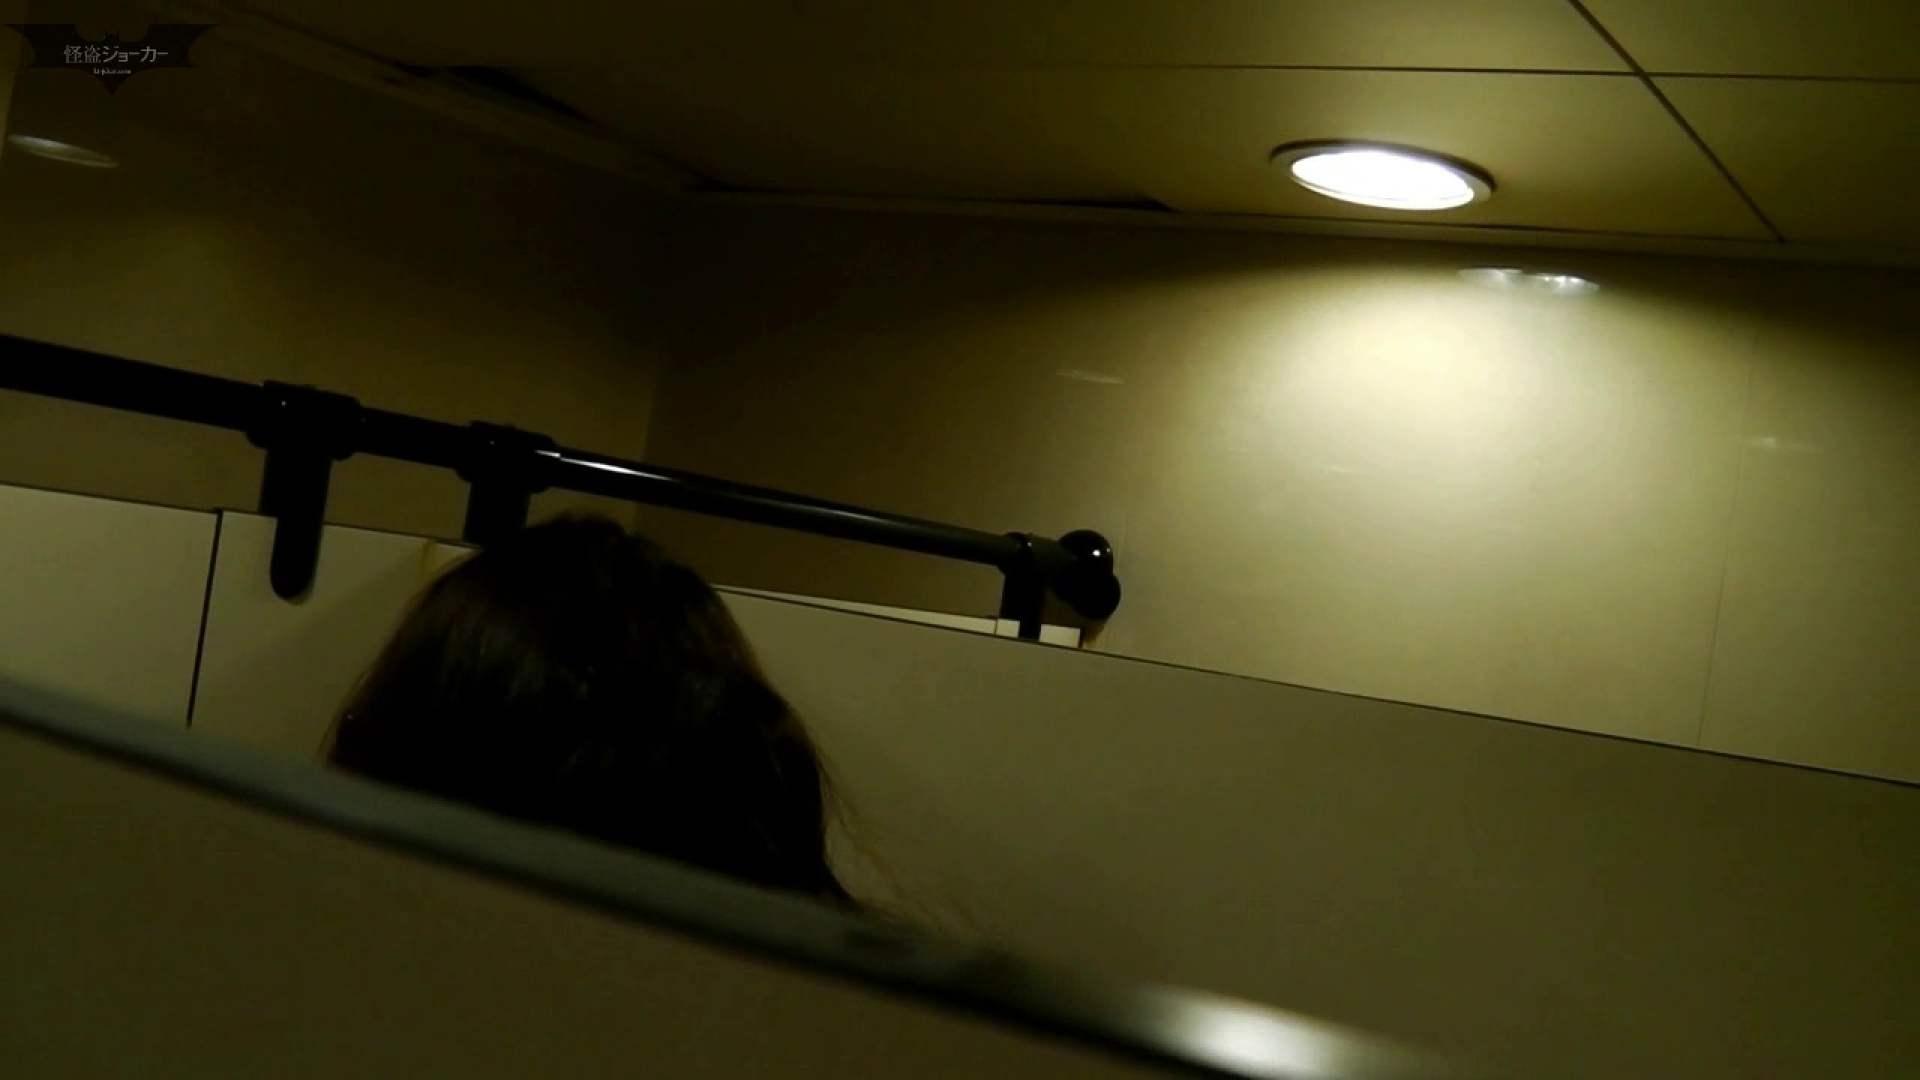 新世界の射窓 No61来ました!「ビジョビジョ」の美女達が・・・ 洗面所着替え   美女達のヌード  85連発 1